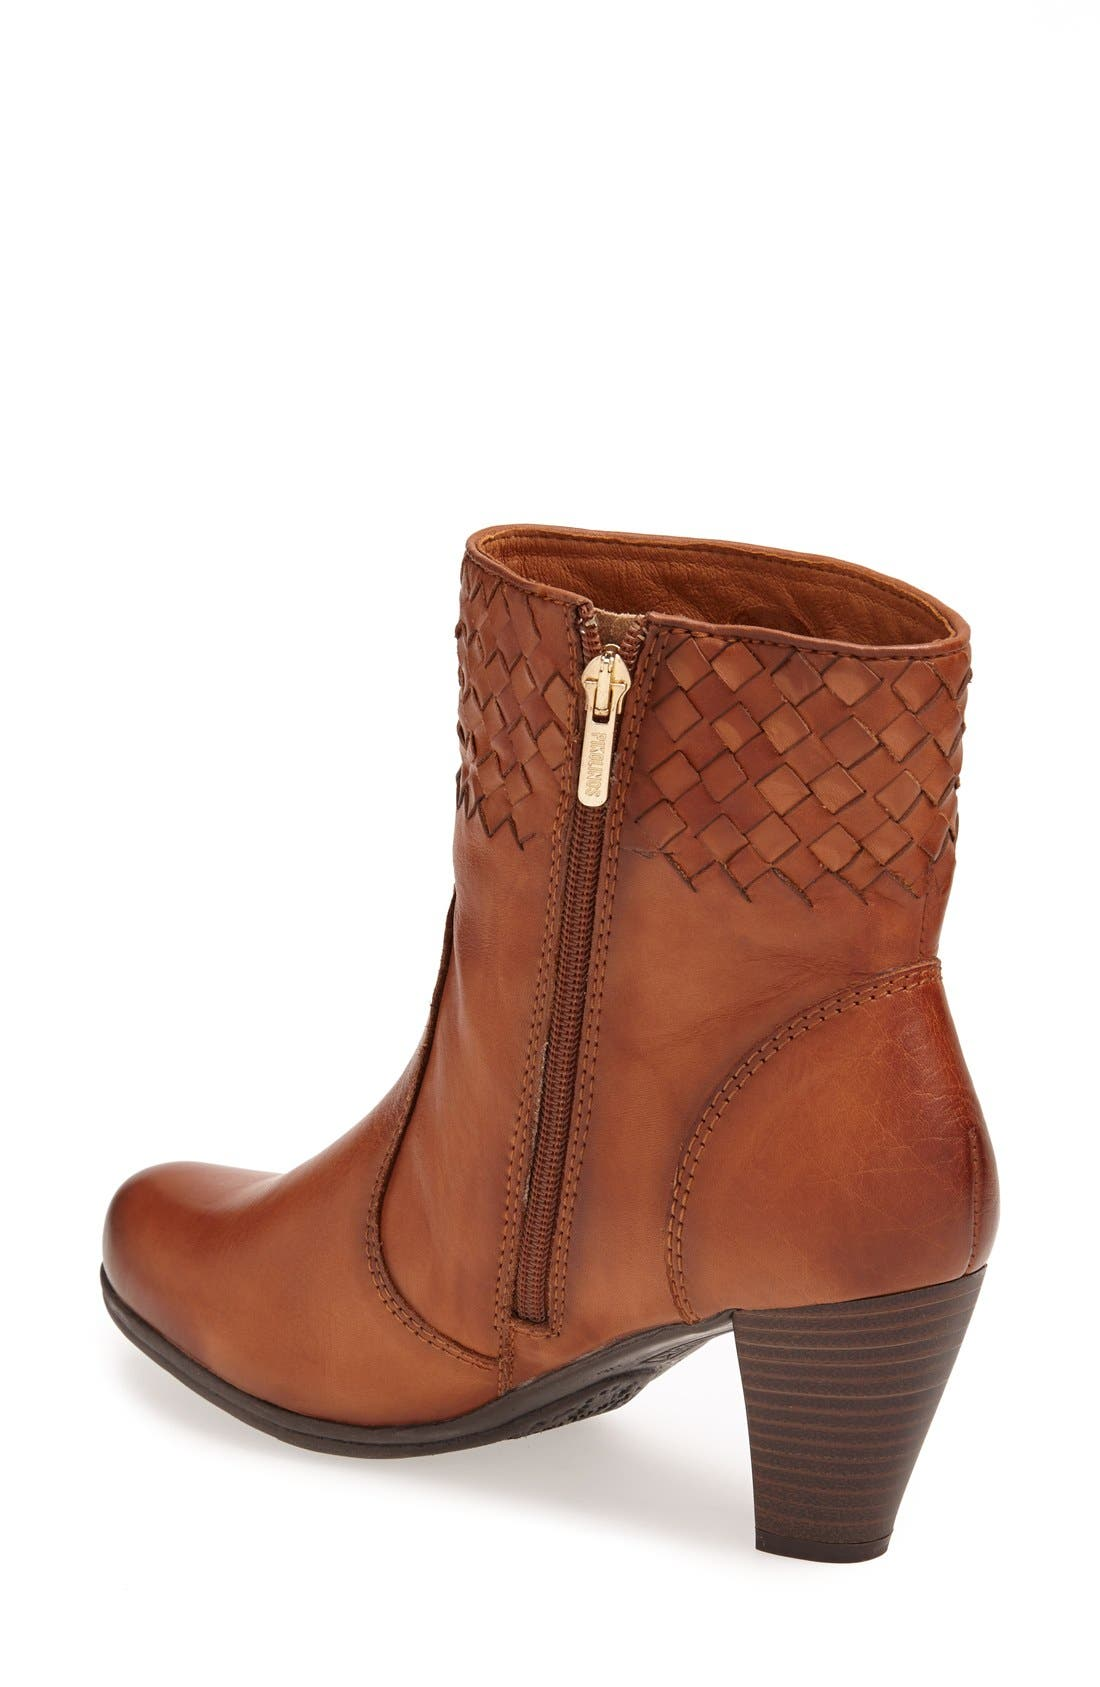 Alternate Image 2  - PIKOLINOS 'Verona' Short Boot (Women)